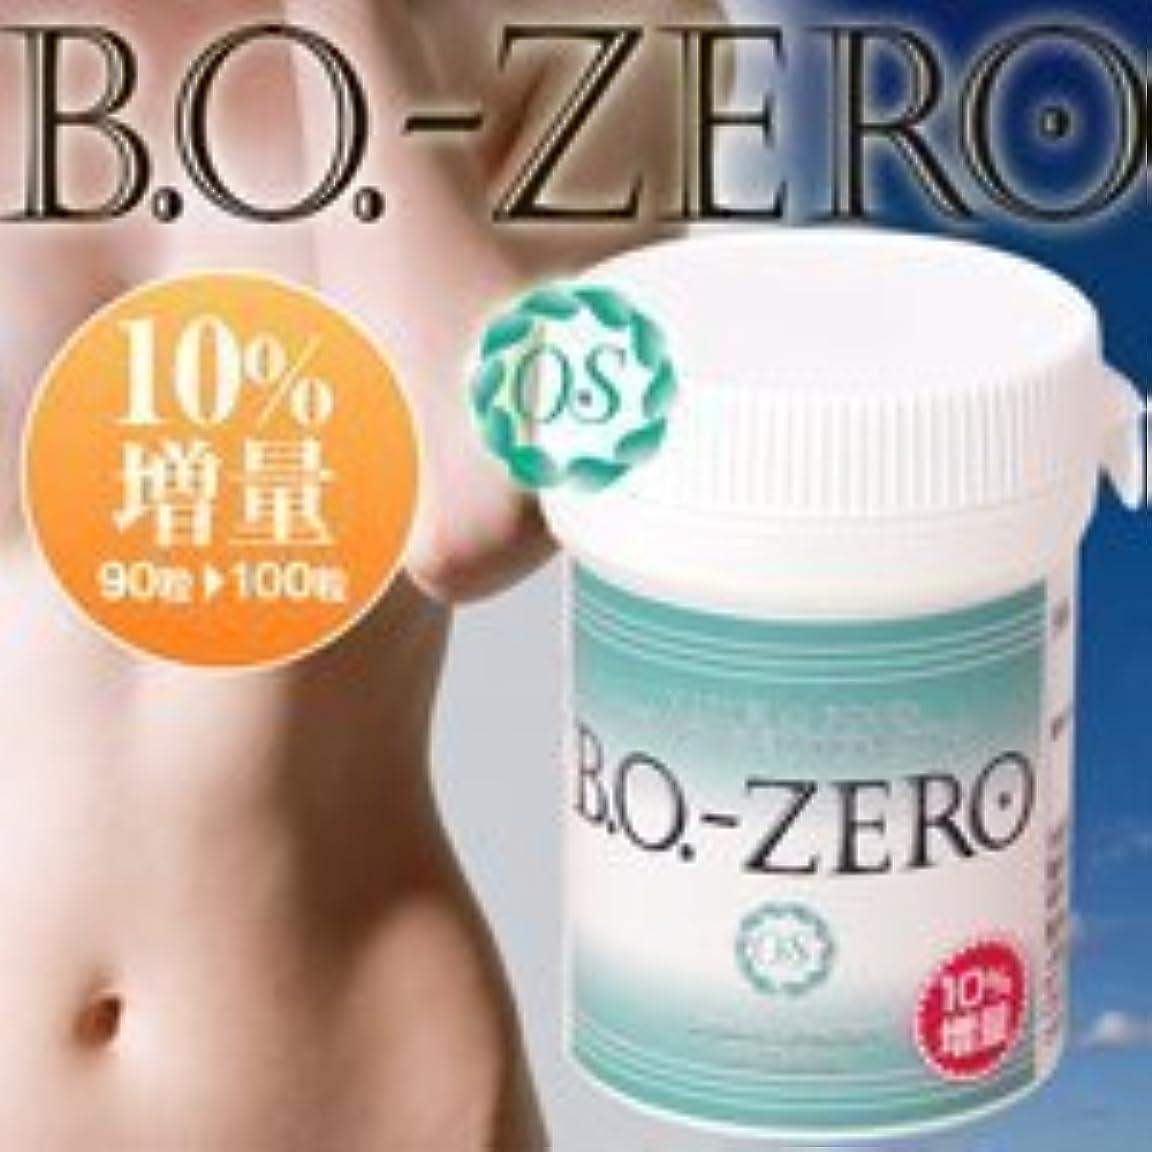 ジョガー詩人断言するBO ZERO (ビーオー ゼロ) 10%増量×2個セット?  体臭 口臭 汗臭 ワキガ などの対策に